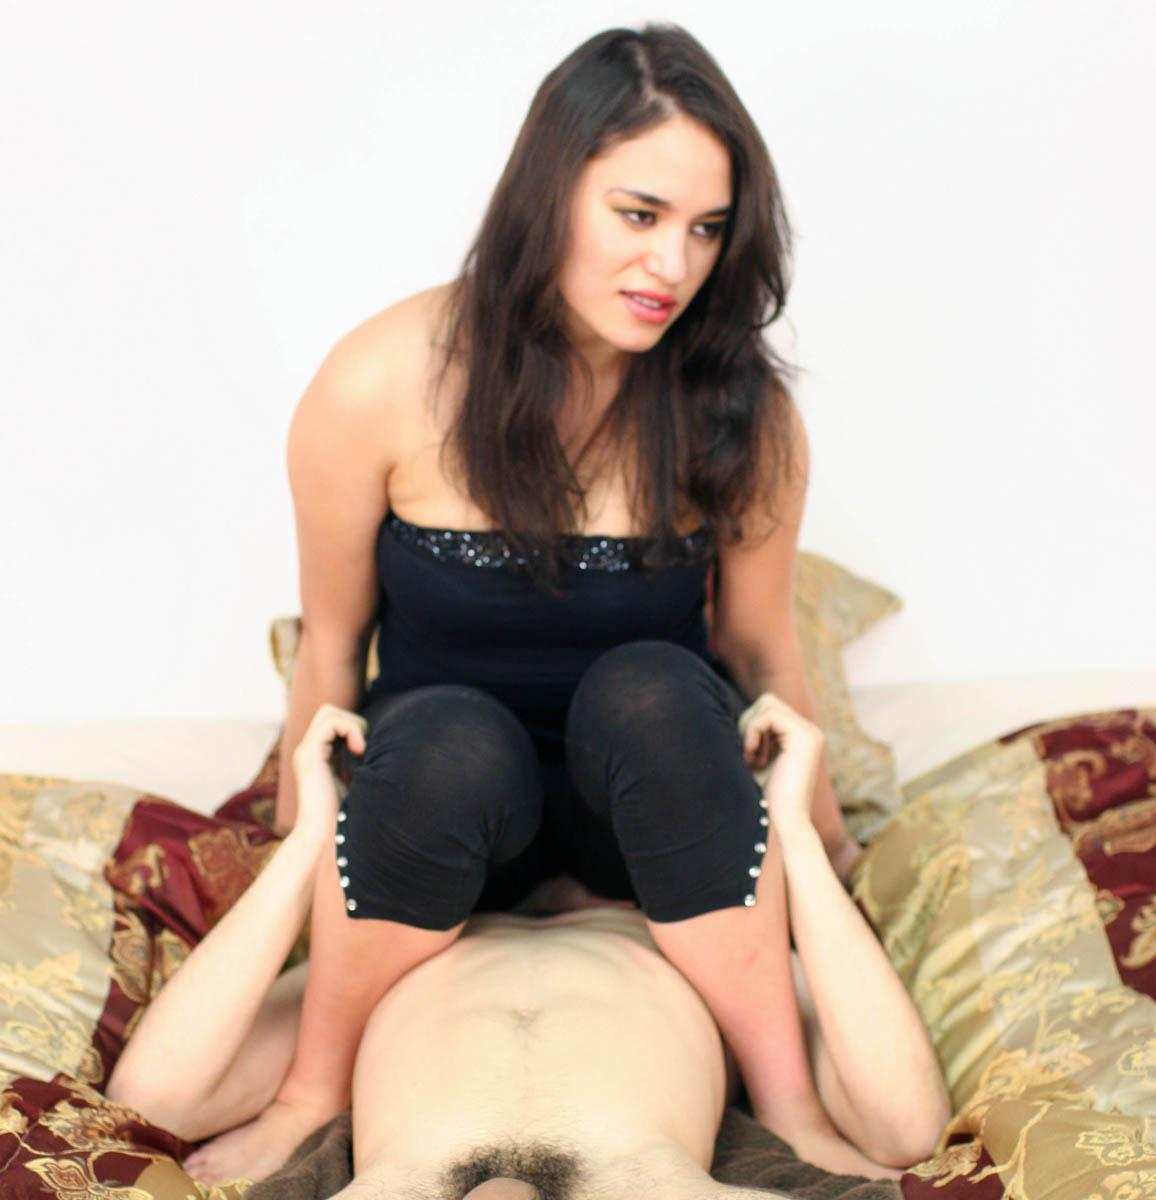 matures amateur sex videos